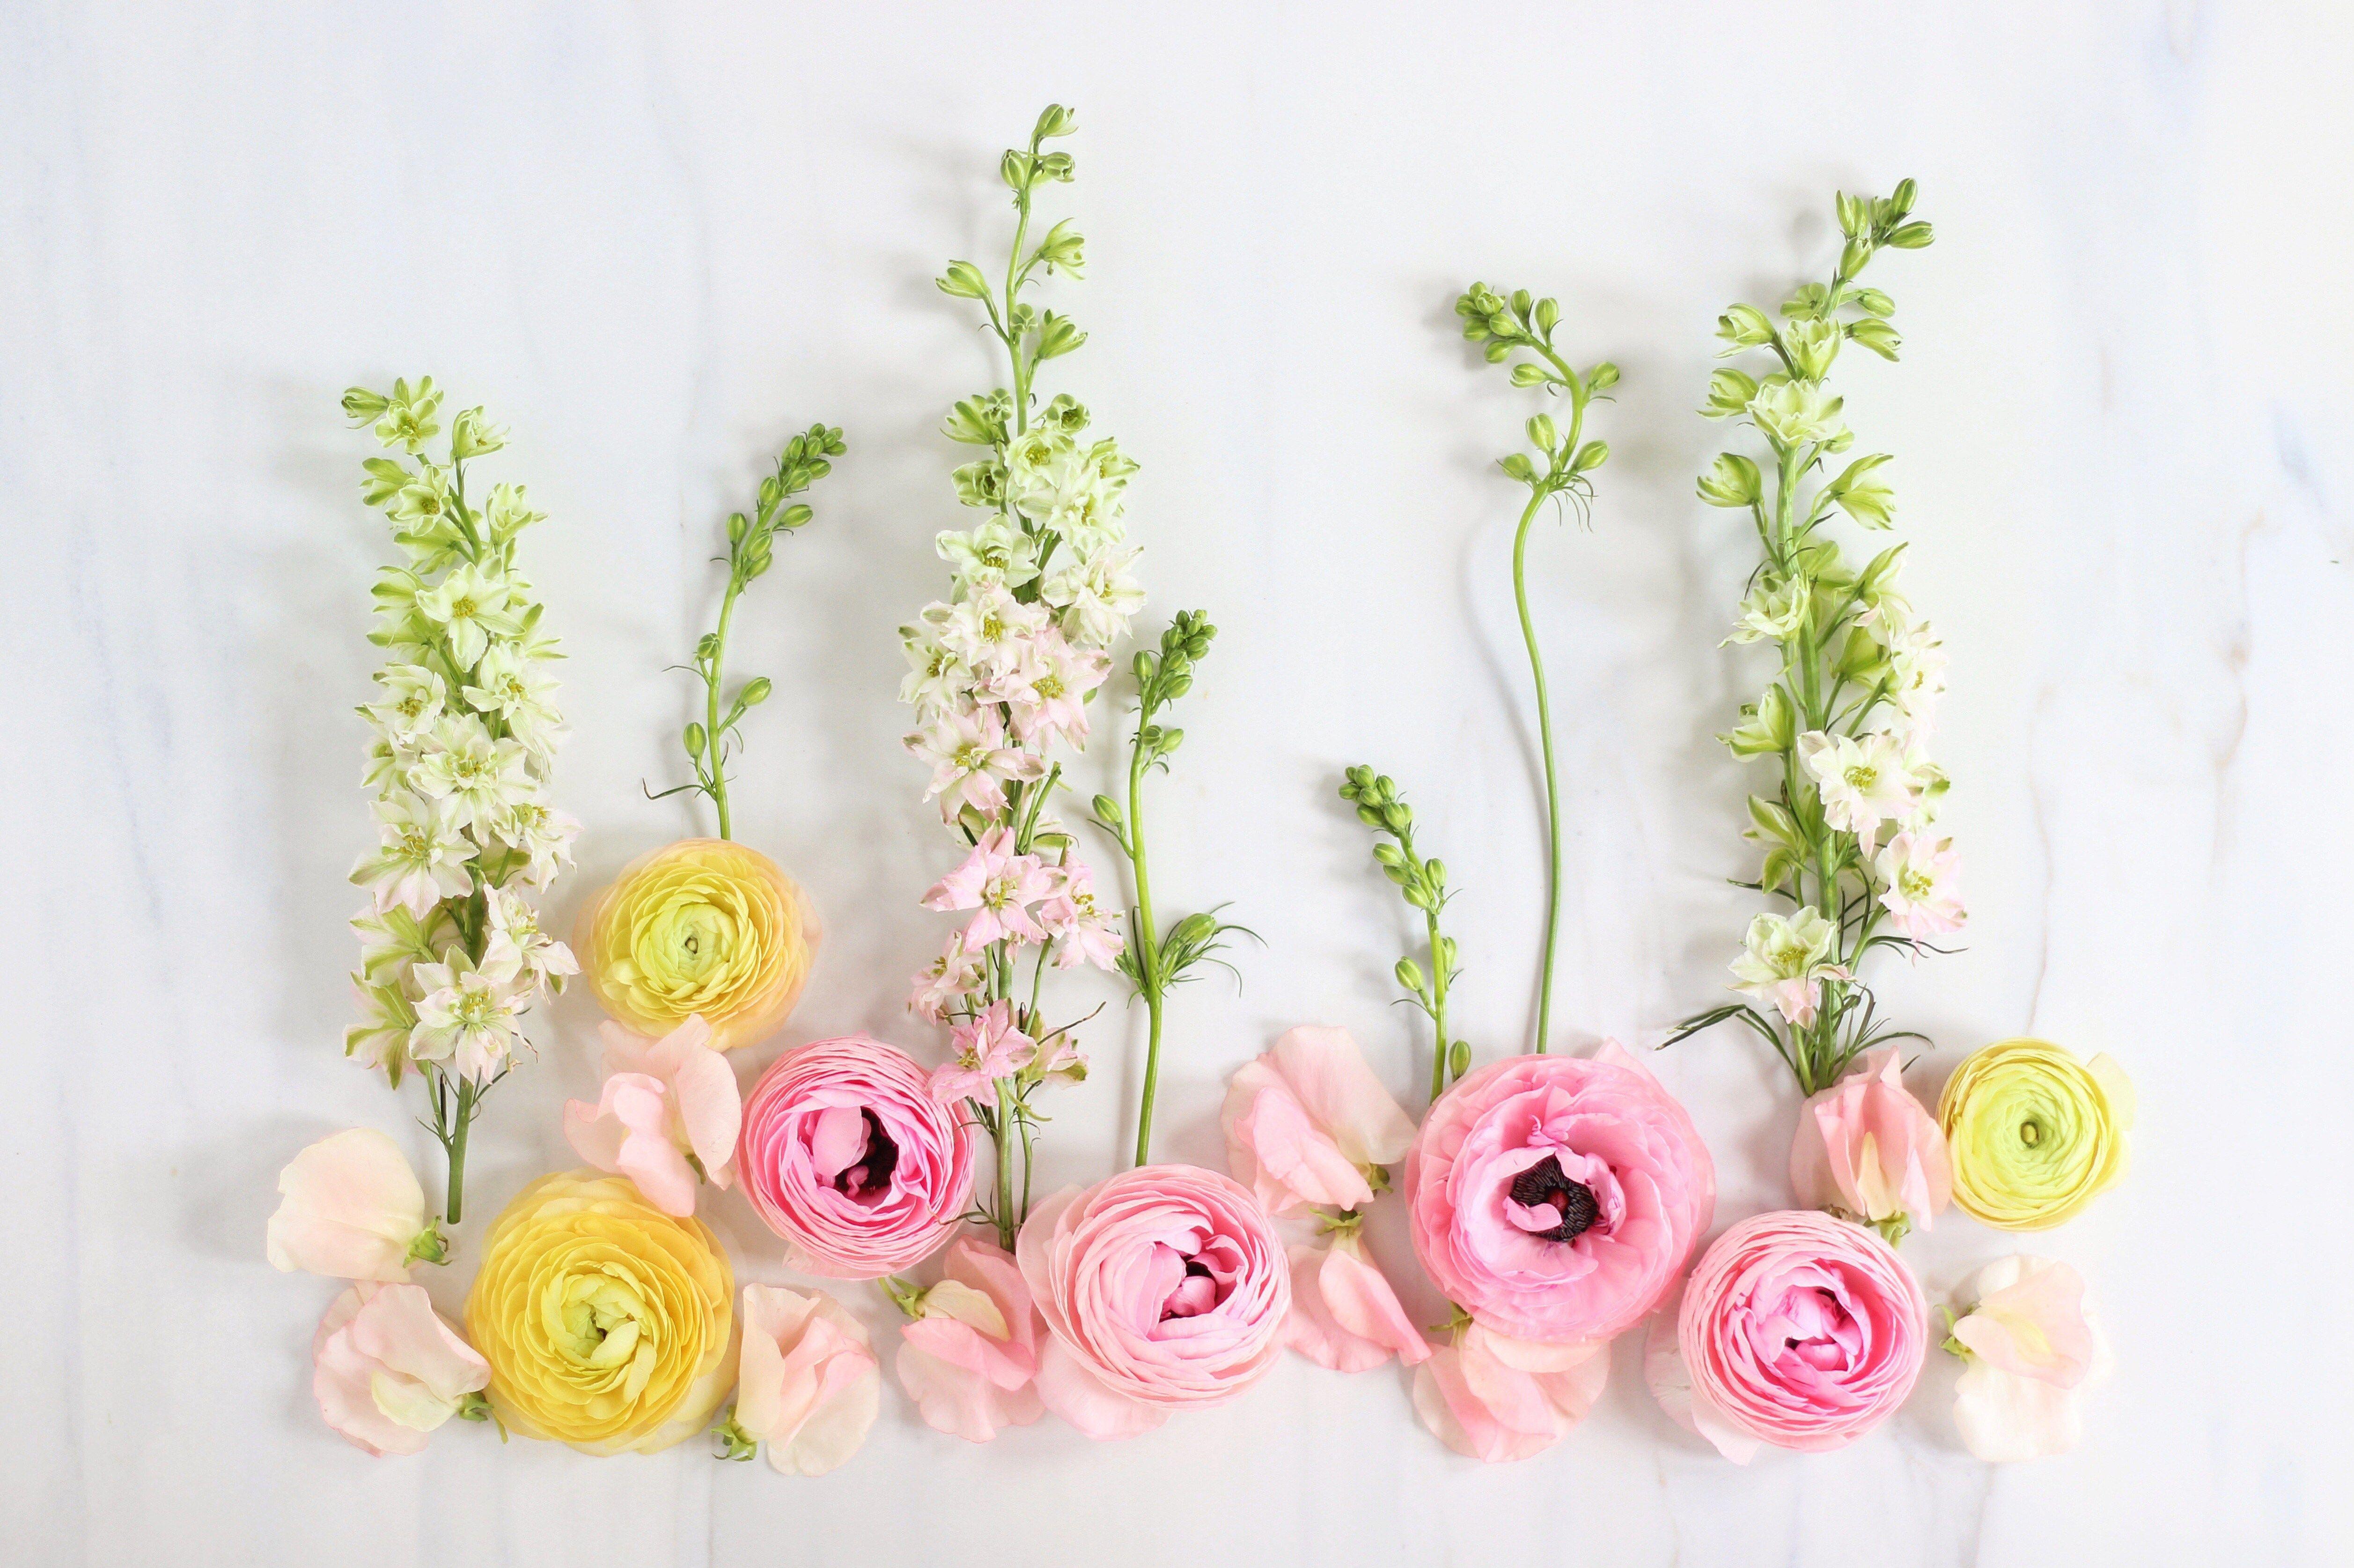 Digital blooms september 2017 wallpapers macbook - Flower wallpaper macbook ...